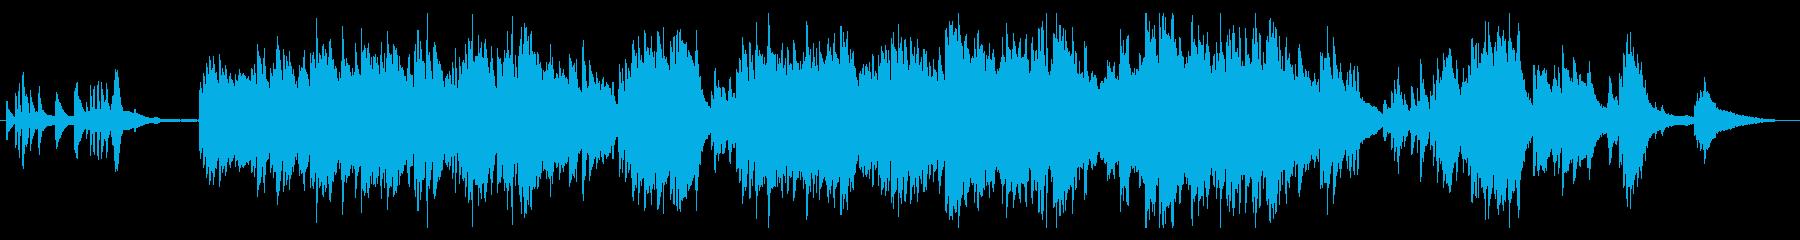 生ピアノで奏でる日本の歌:紅葉(もみじ)の再生済みの波形